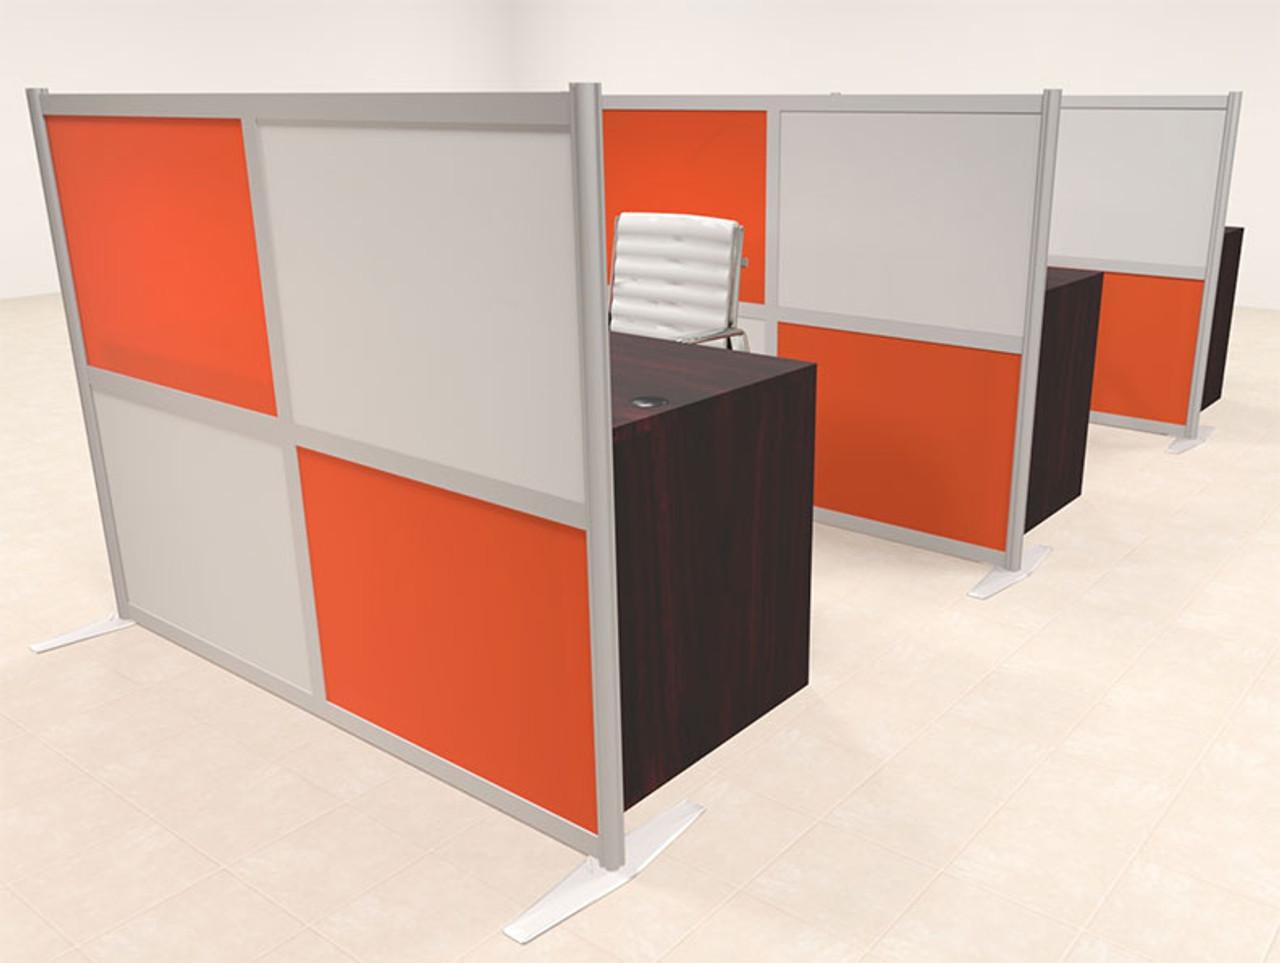 Three Person Workstation w/Acrylic Aluminum Privacy Panel, #OT-SUL-HPO107